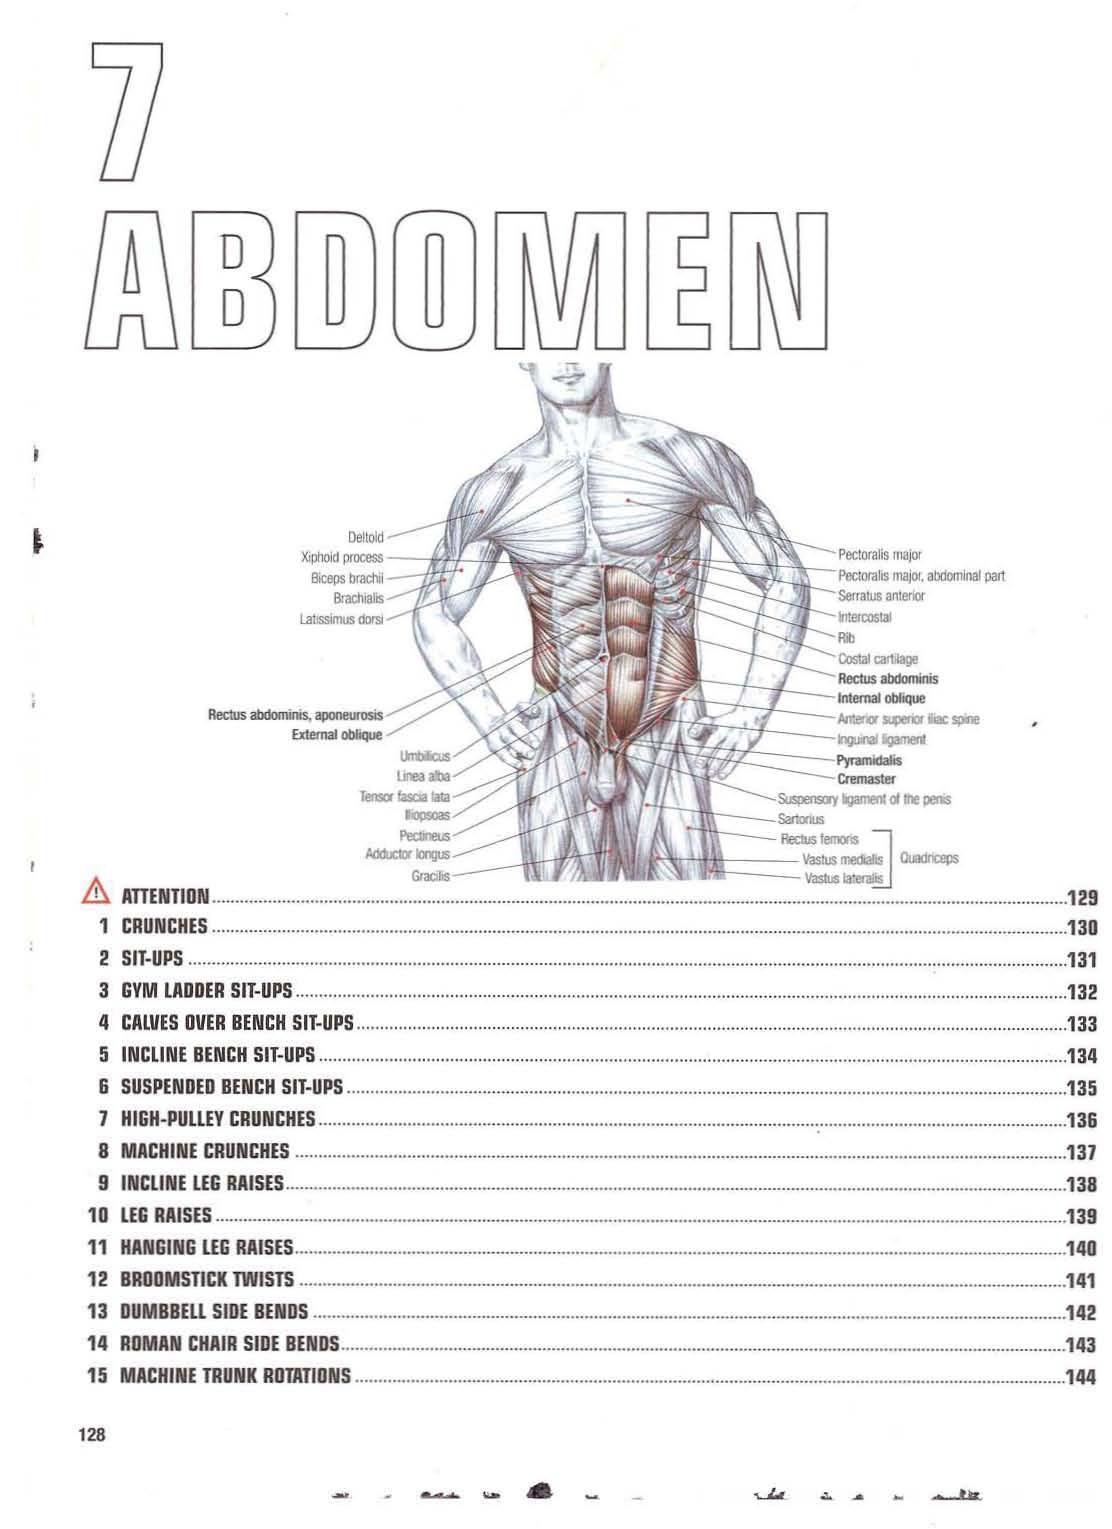 Abdomen anatomy   Abs / Abdomen   Pinterest